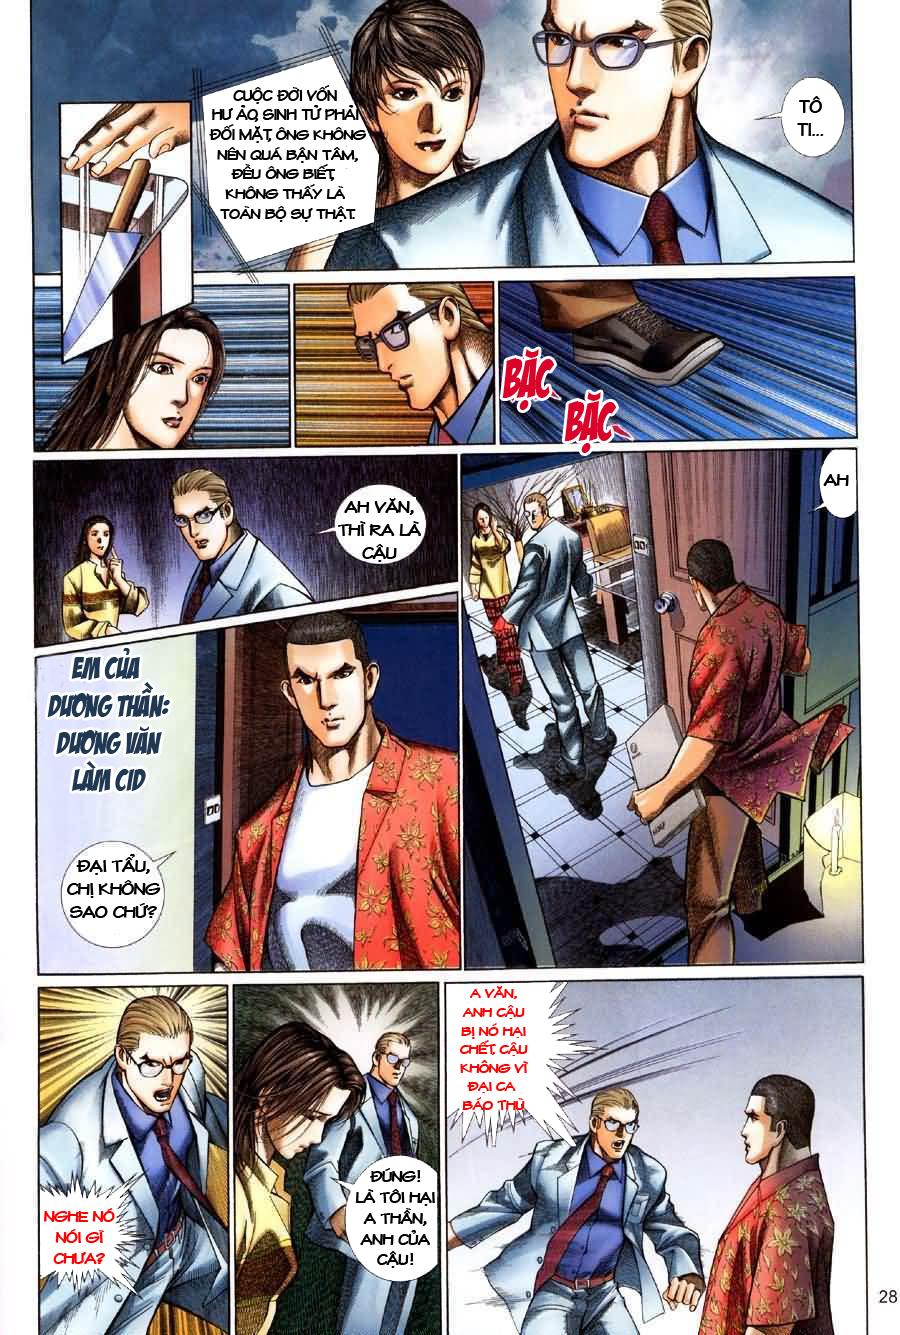 Quỷ Mộ chap 001 trang 28